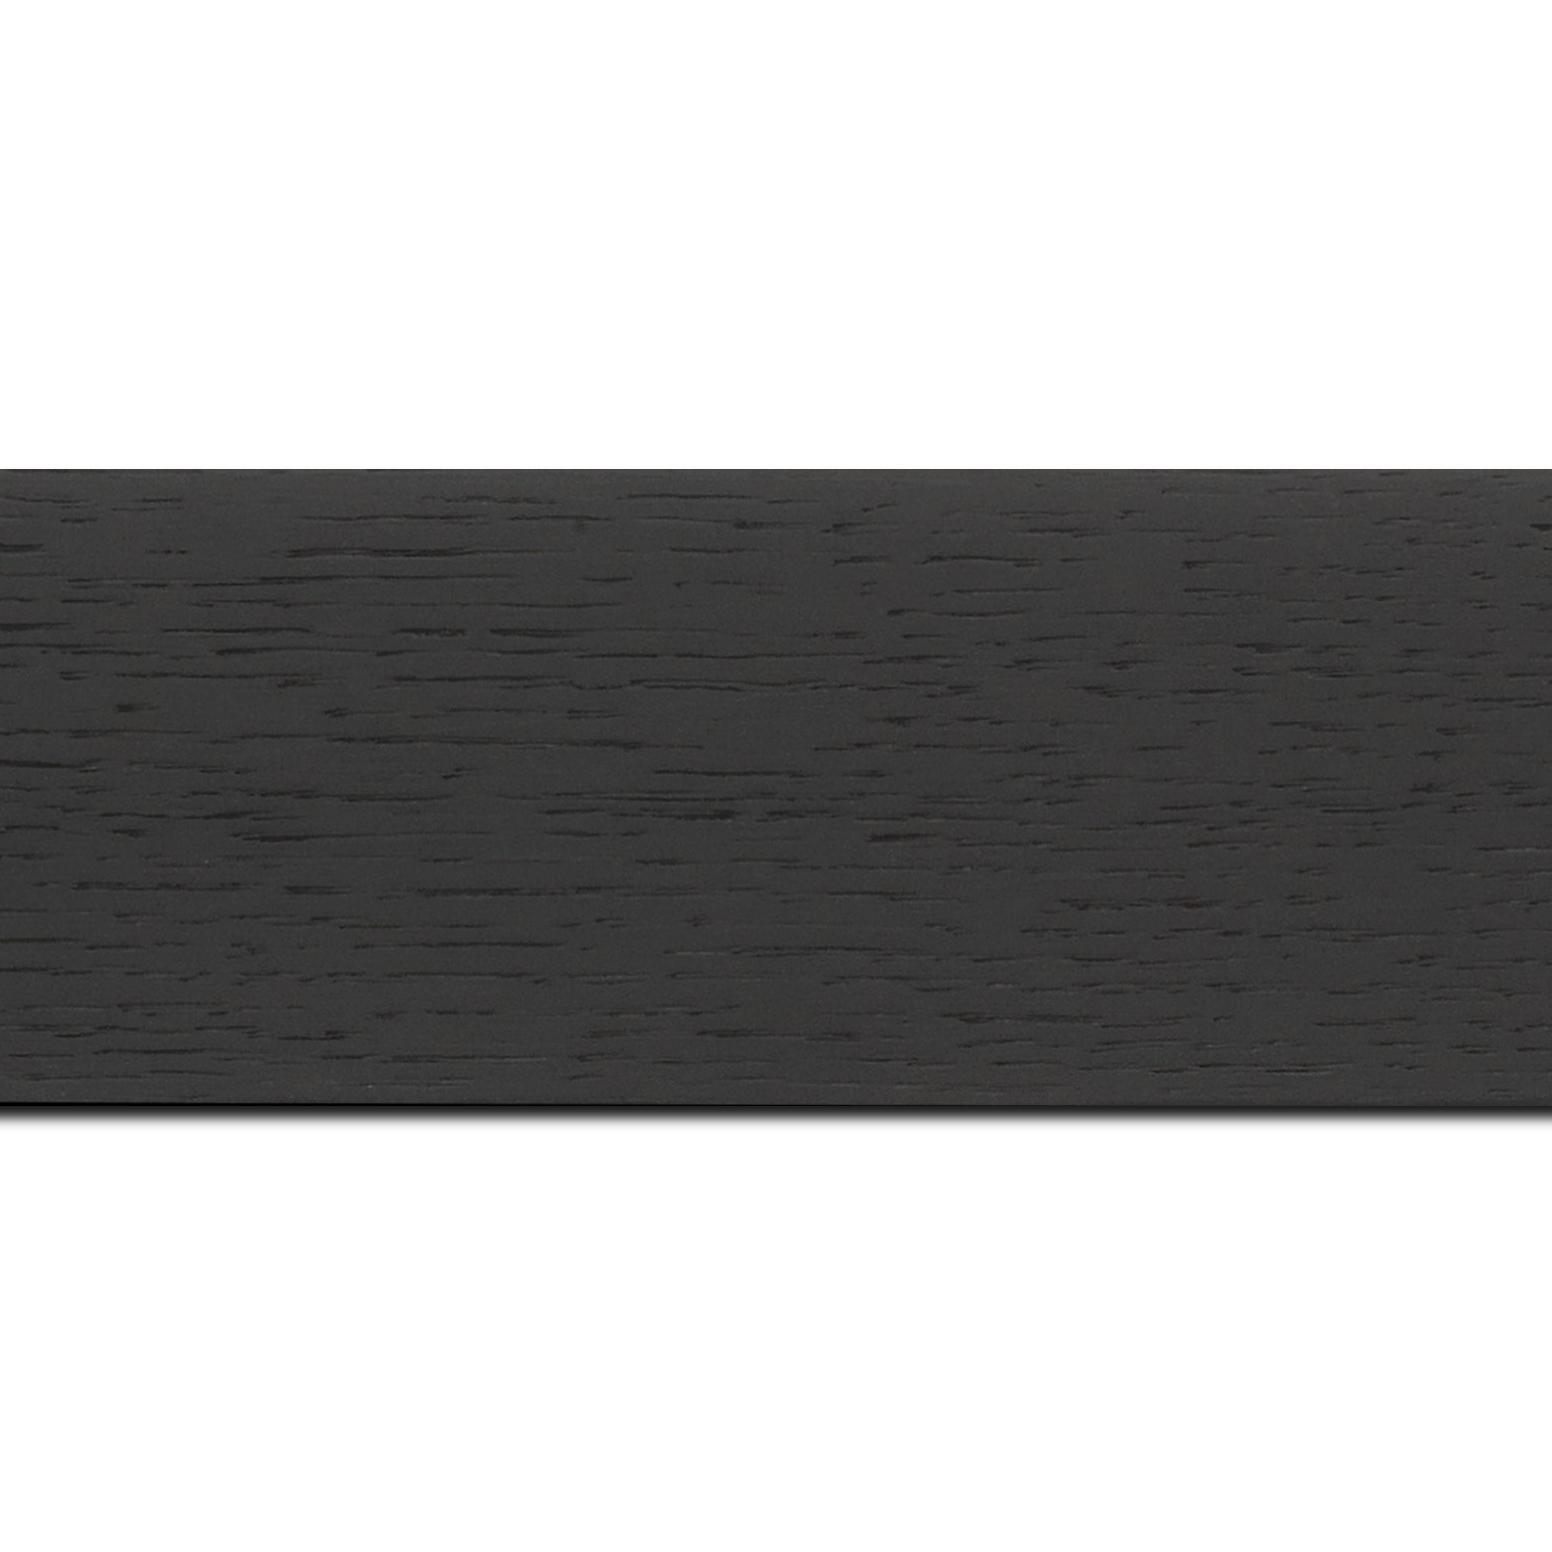 Baguette longueur 1.40m bois profil plat largeur 6.3cm plaquage haut de gamme chêne teinté noir